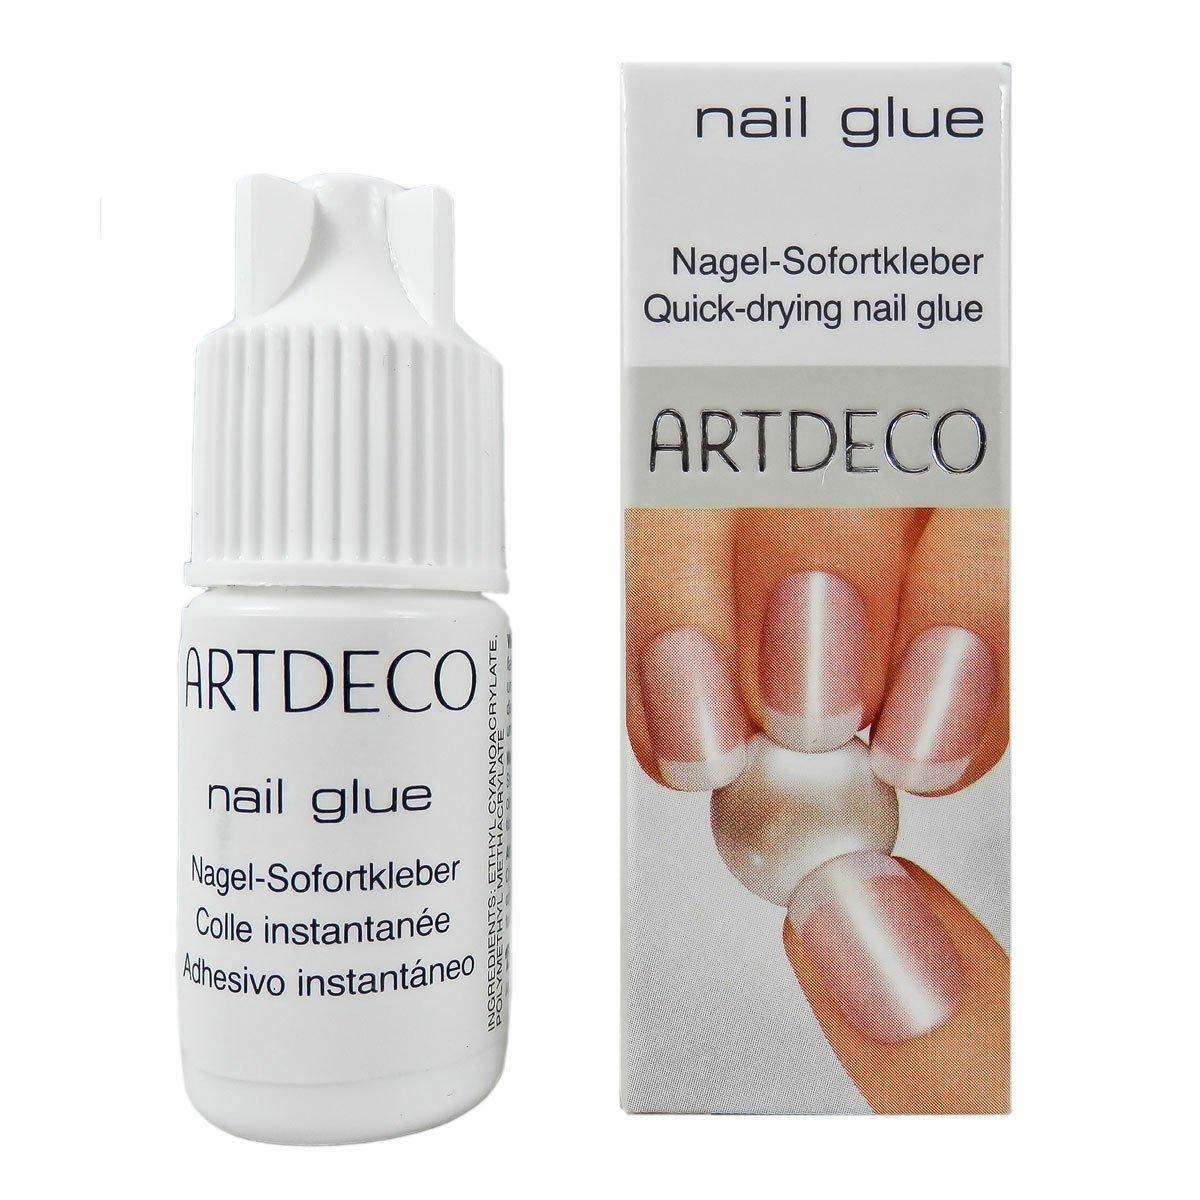 Artdeco-Sofortkleber, 1er Pack (1 x 3 ml) 4019674615621